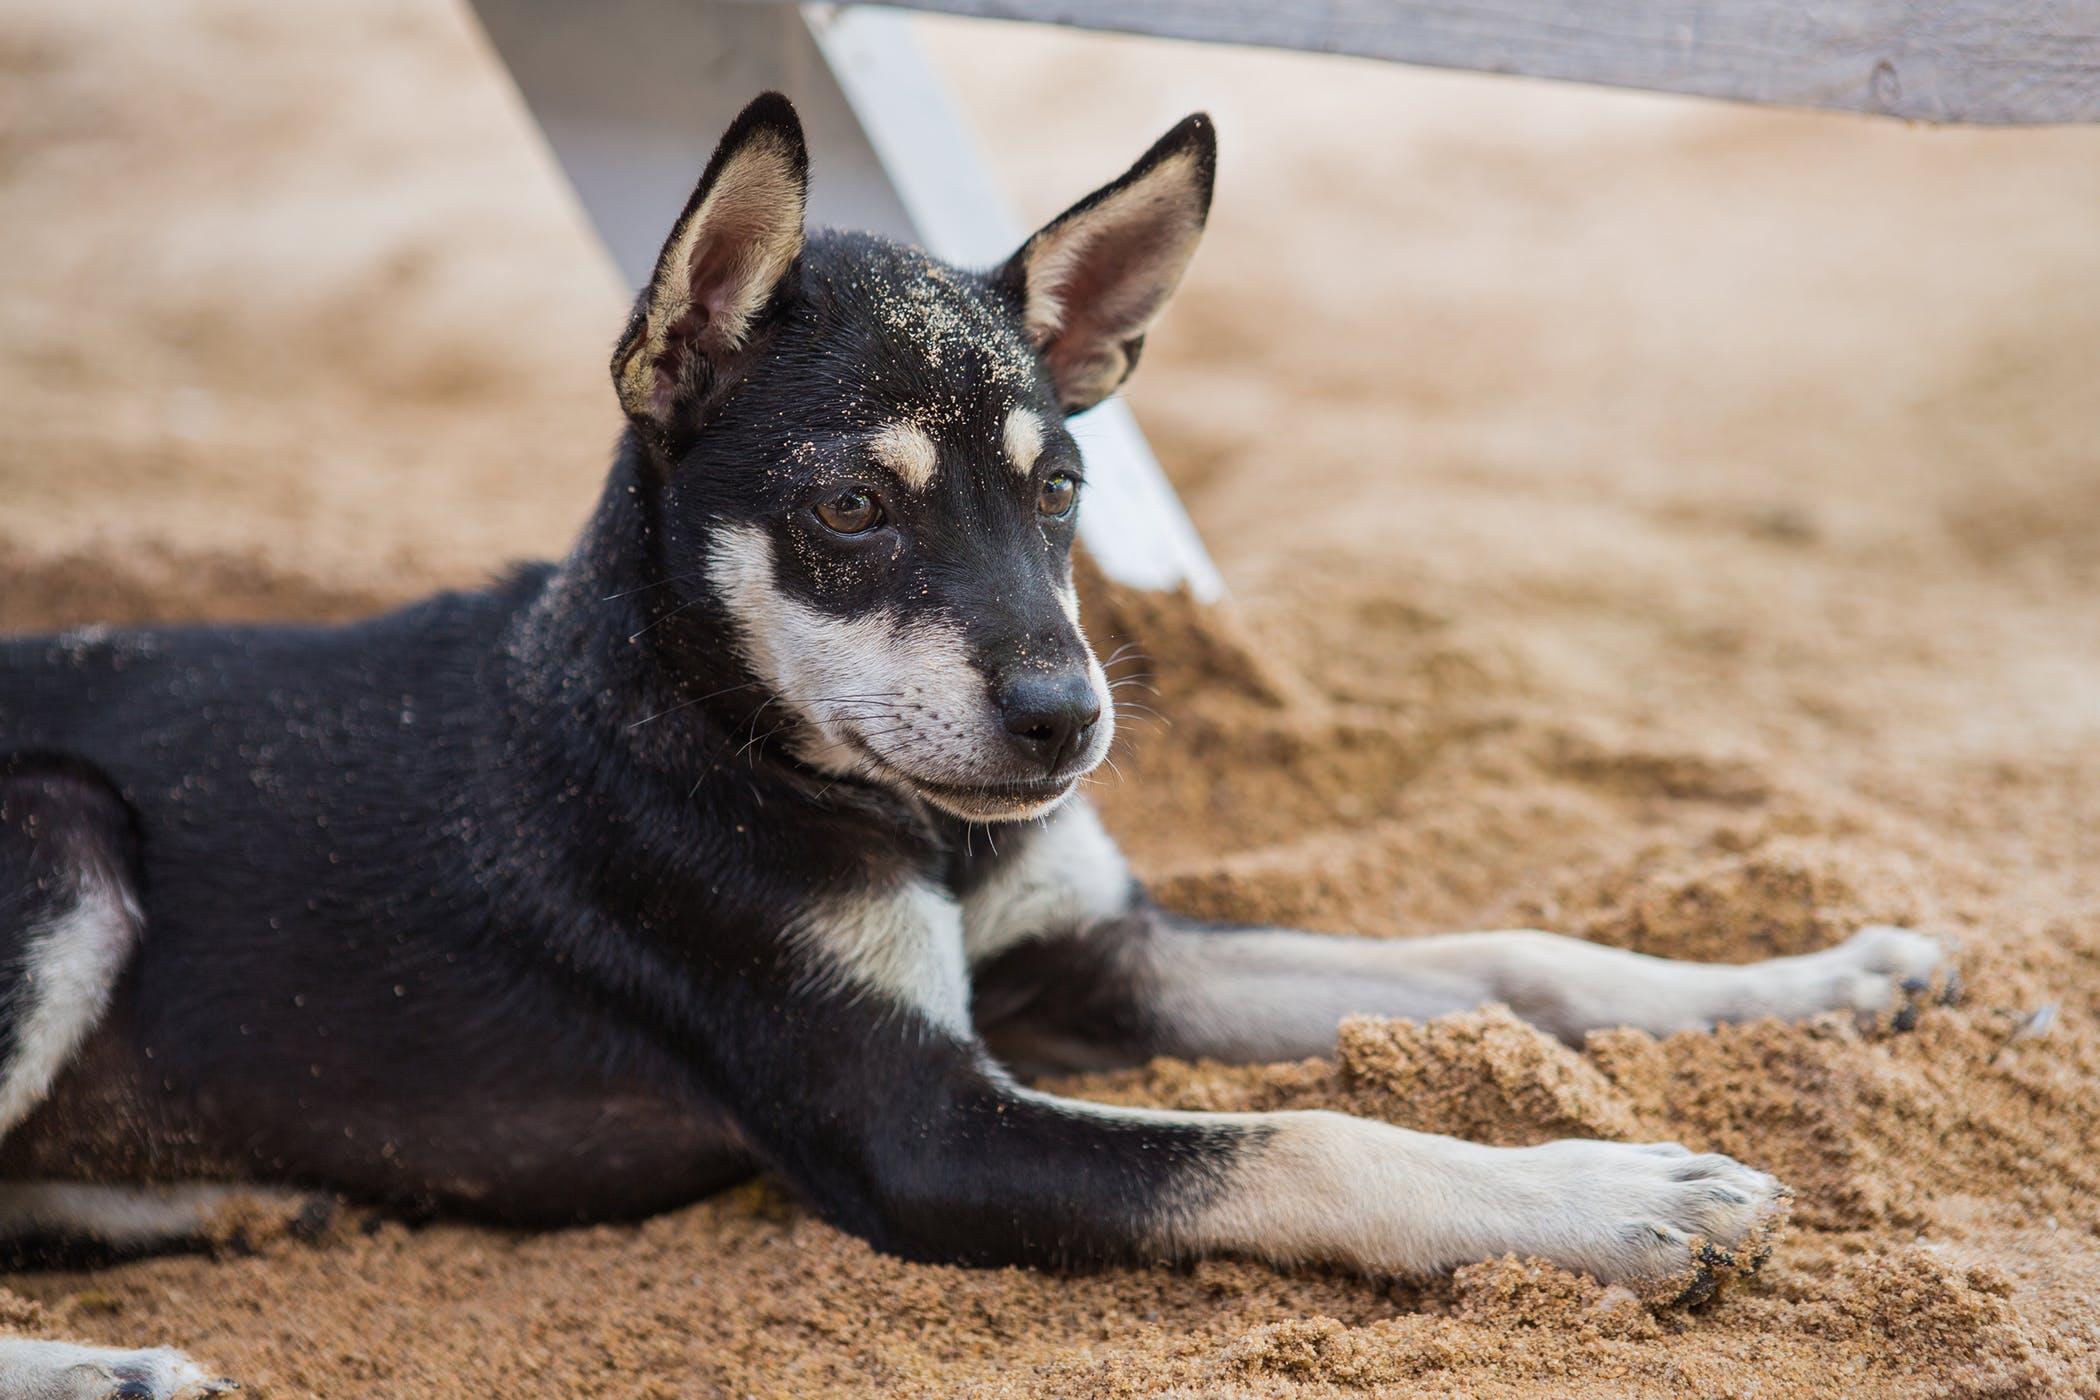 Pantarsal Arthrodesis in Dogs